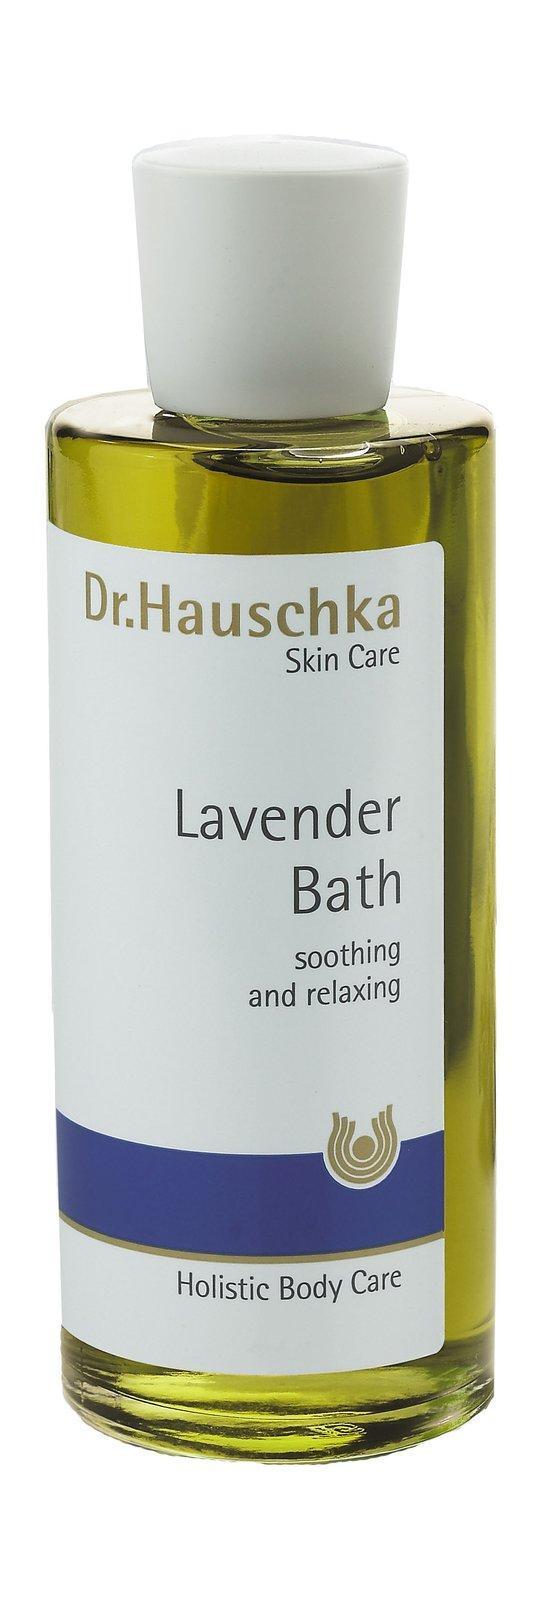 Dr. Hauschka Lavender Bath